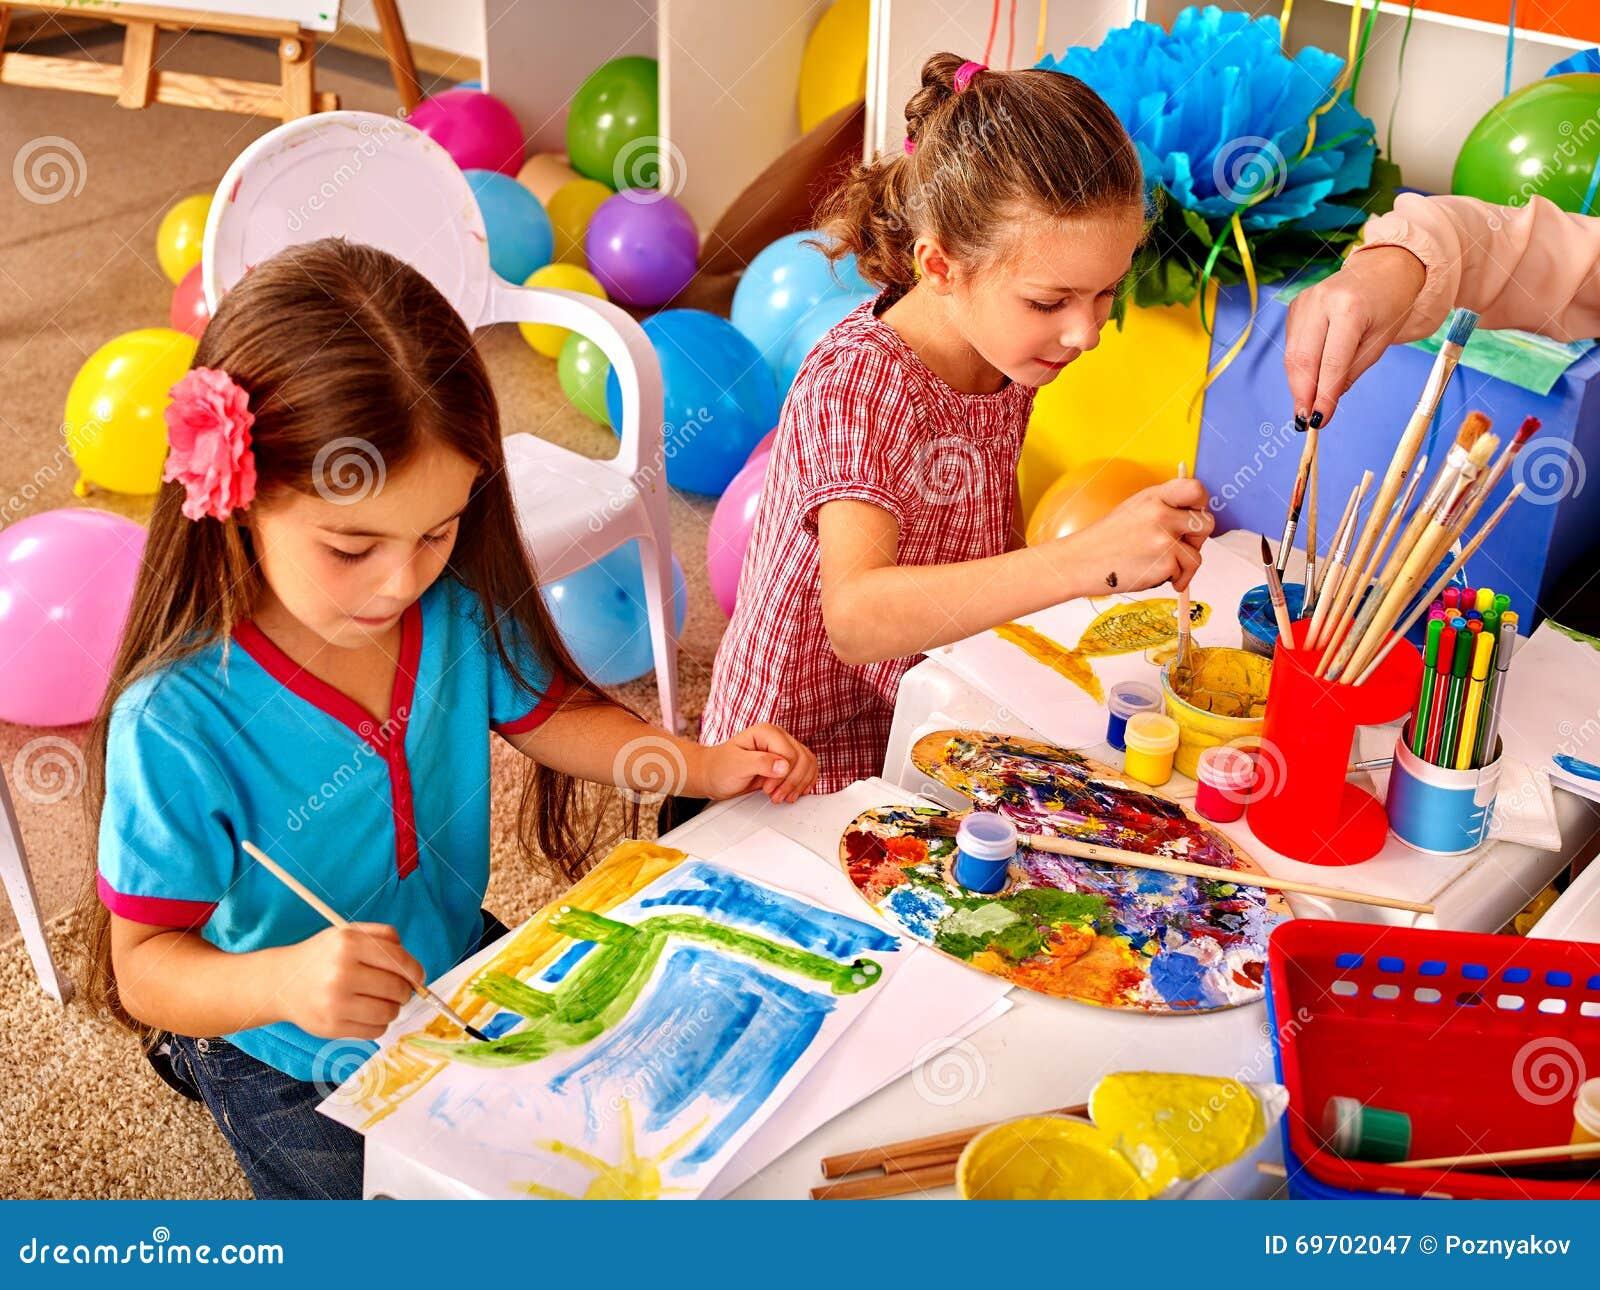 kinder lernen in vorbereitende schule auf h here ausbildung zu zeichnen stockbild bild von. Black Bedroom Furniture Sets. Home Design Ideas